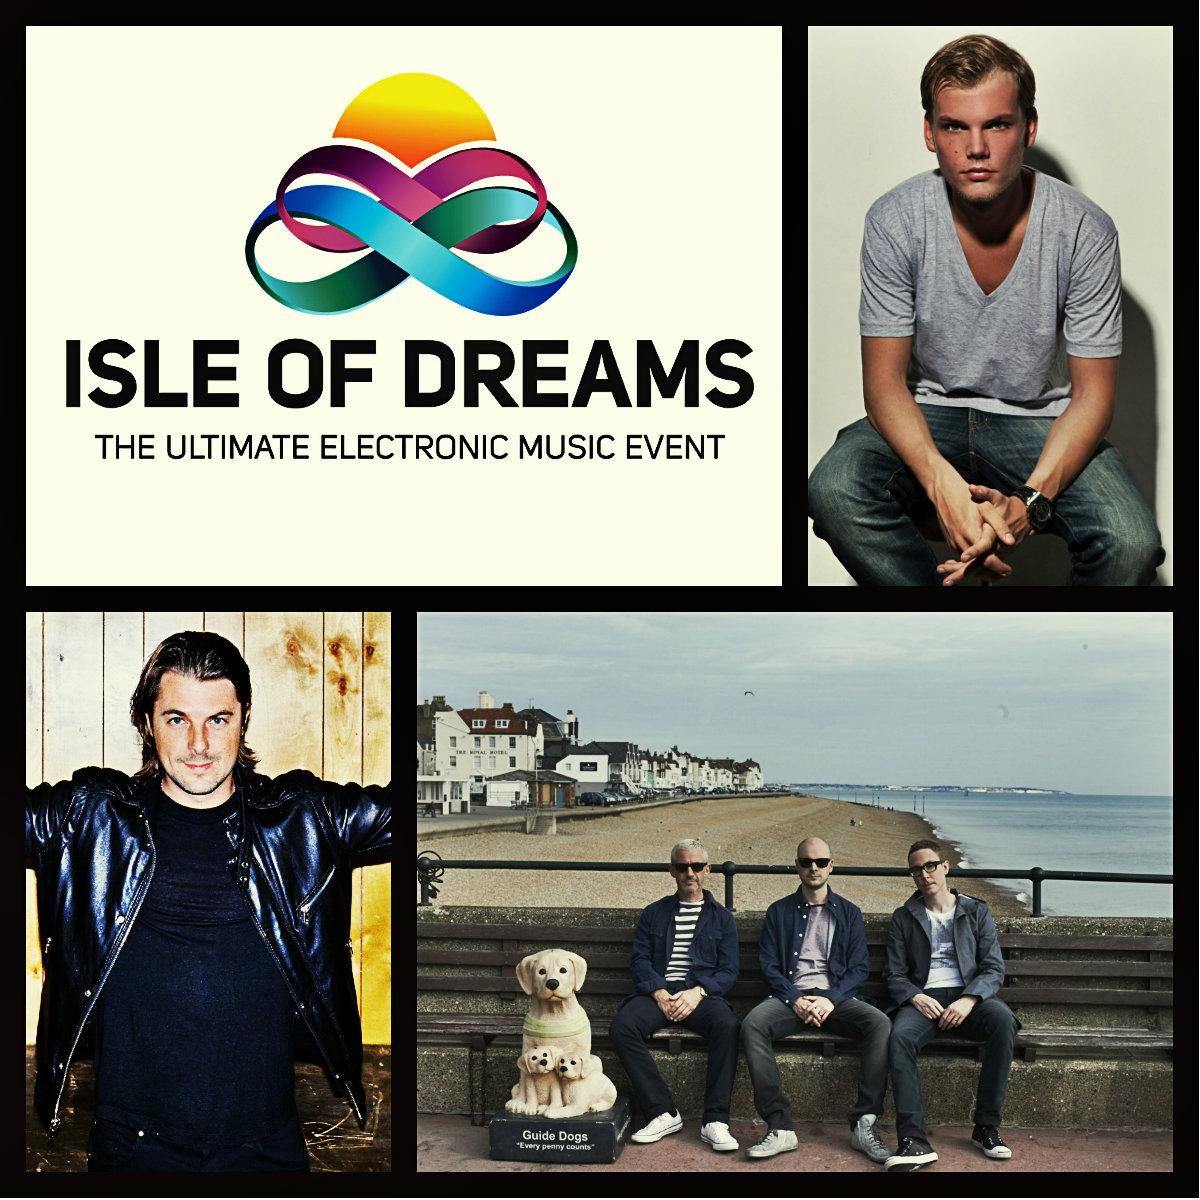 Ибица на Кинерете – фестиваль Isle of Dreams